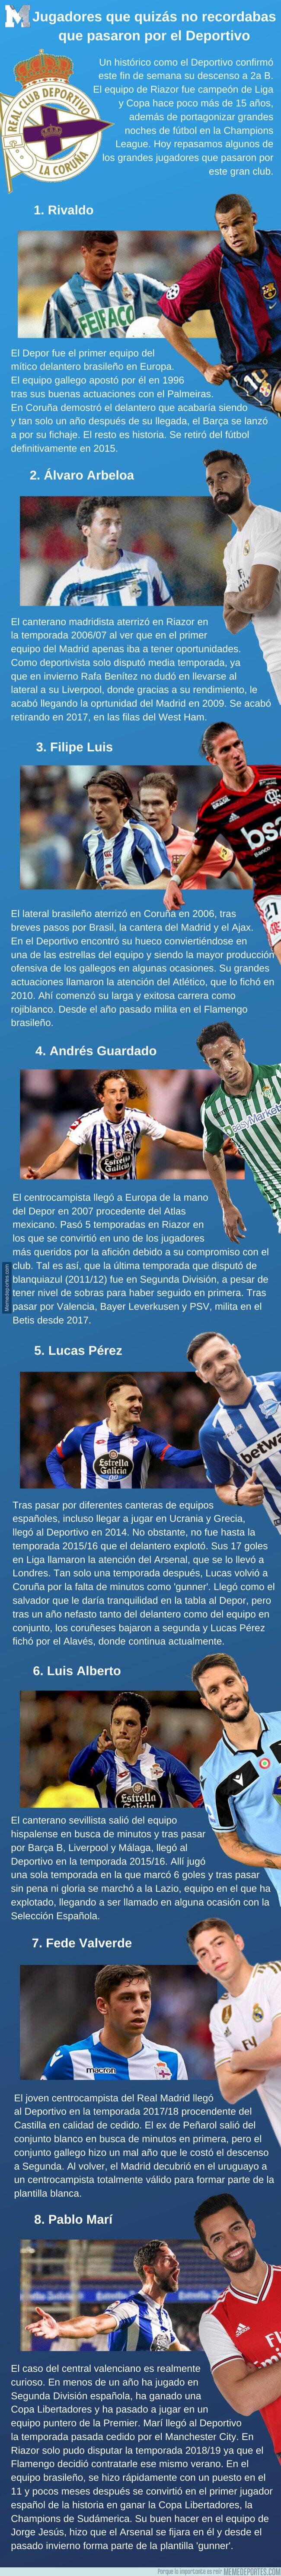 1110254 - Jugadores que quizás no recordabas que pasaron por el Deportivo